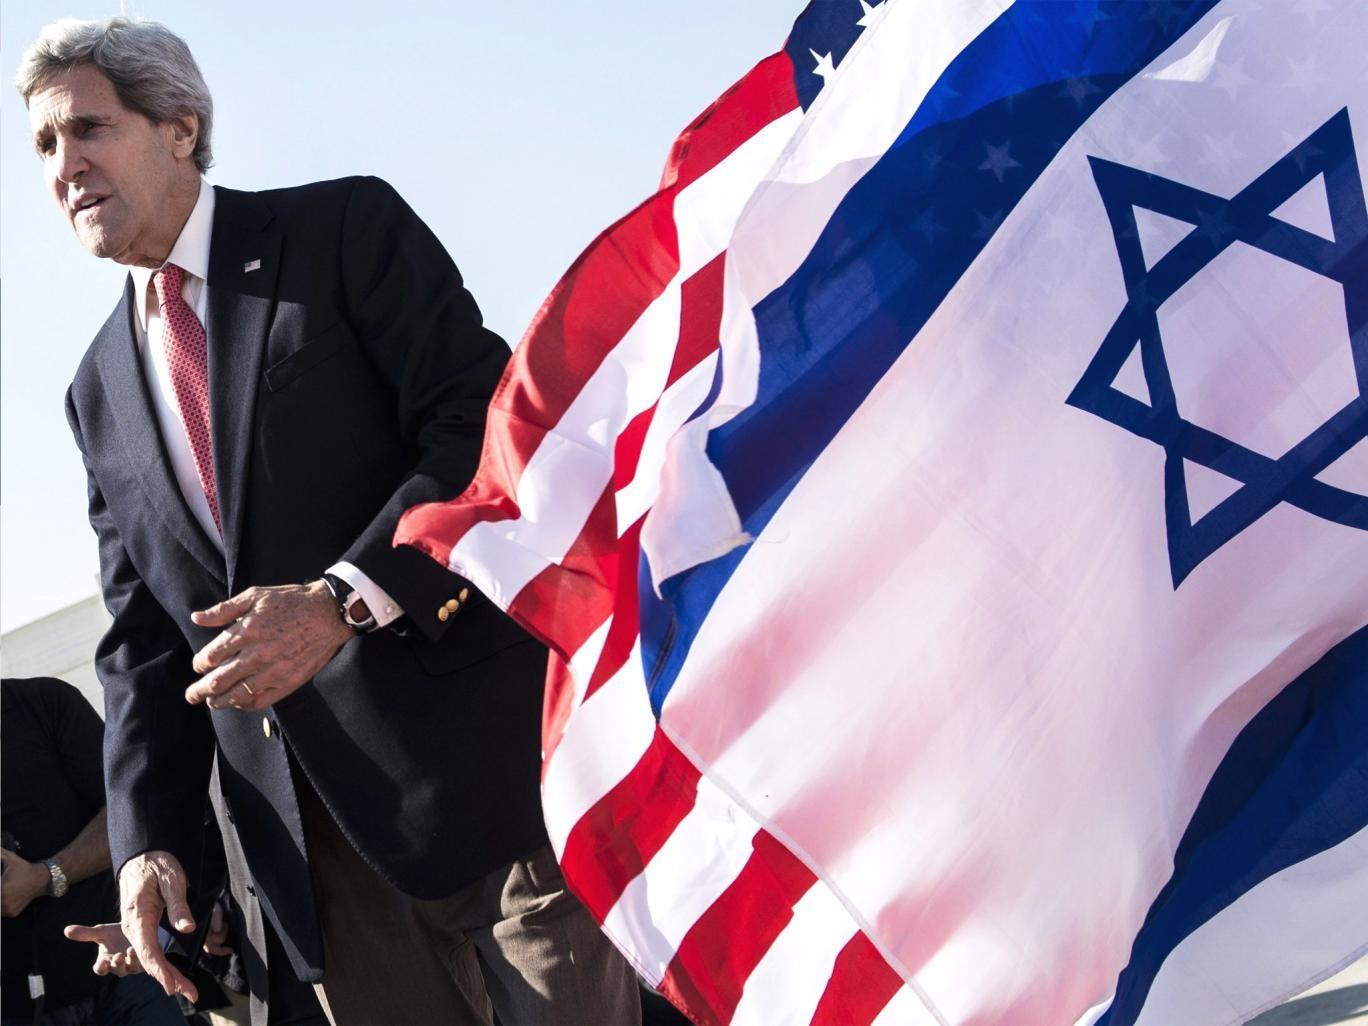 US Secretary of State John Kerry in Israel earlier this week